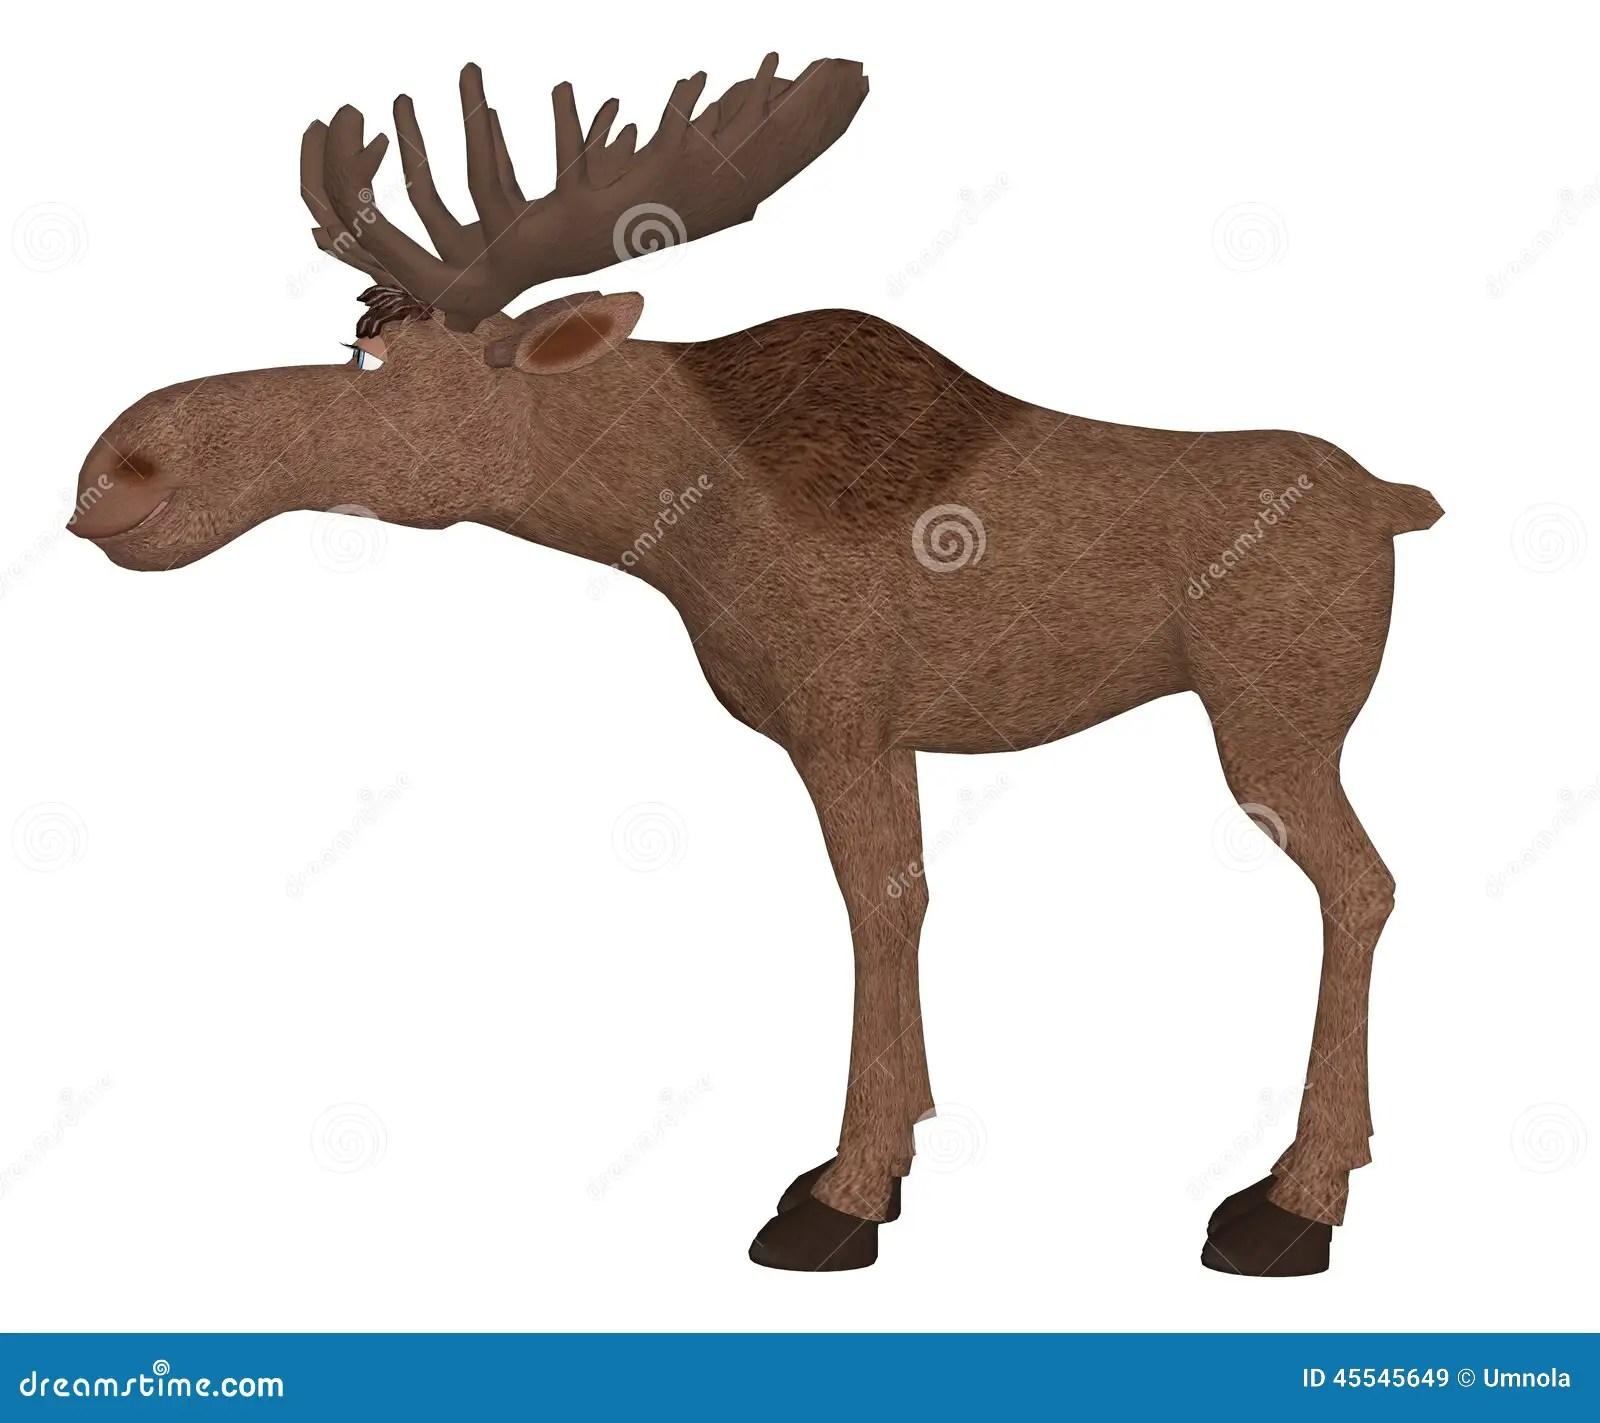 hight resolution of cartoon moose